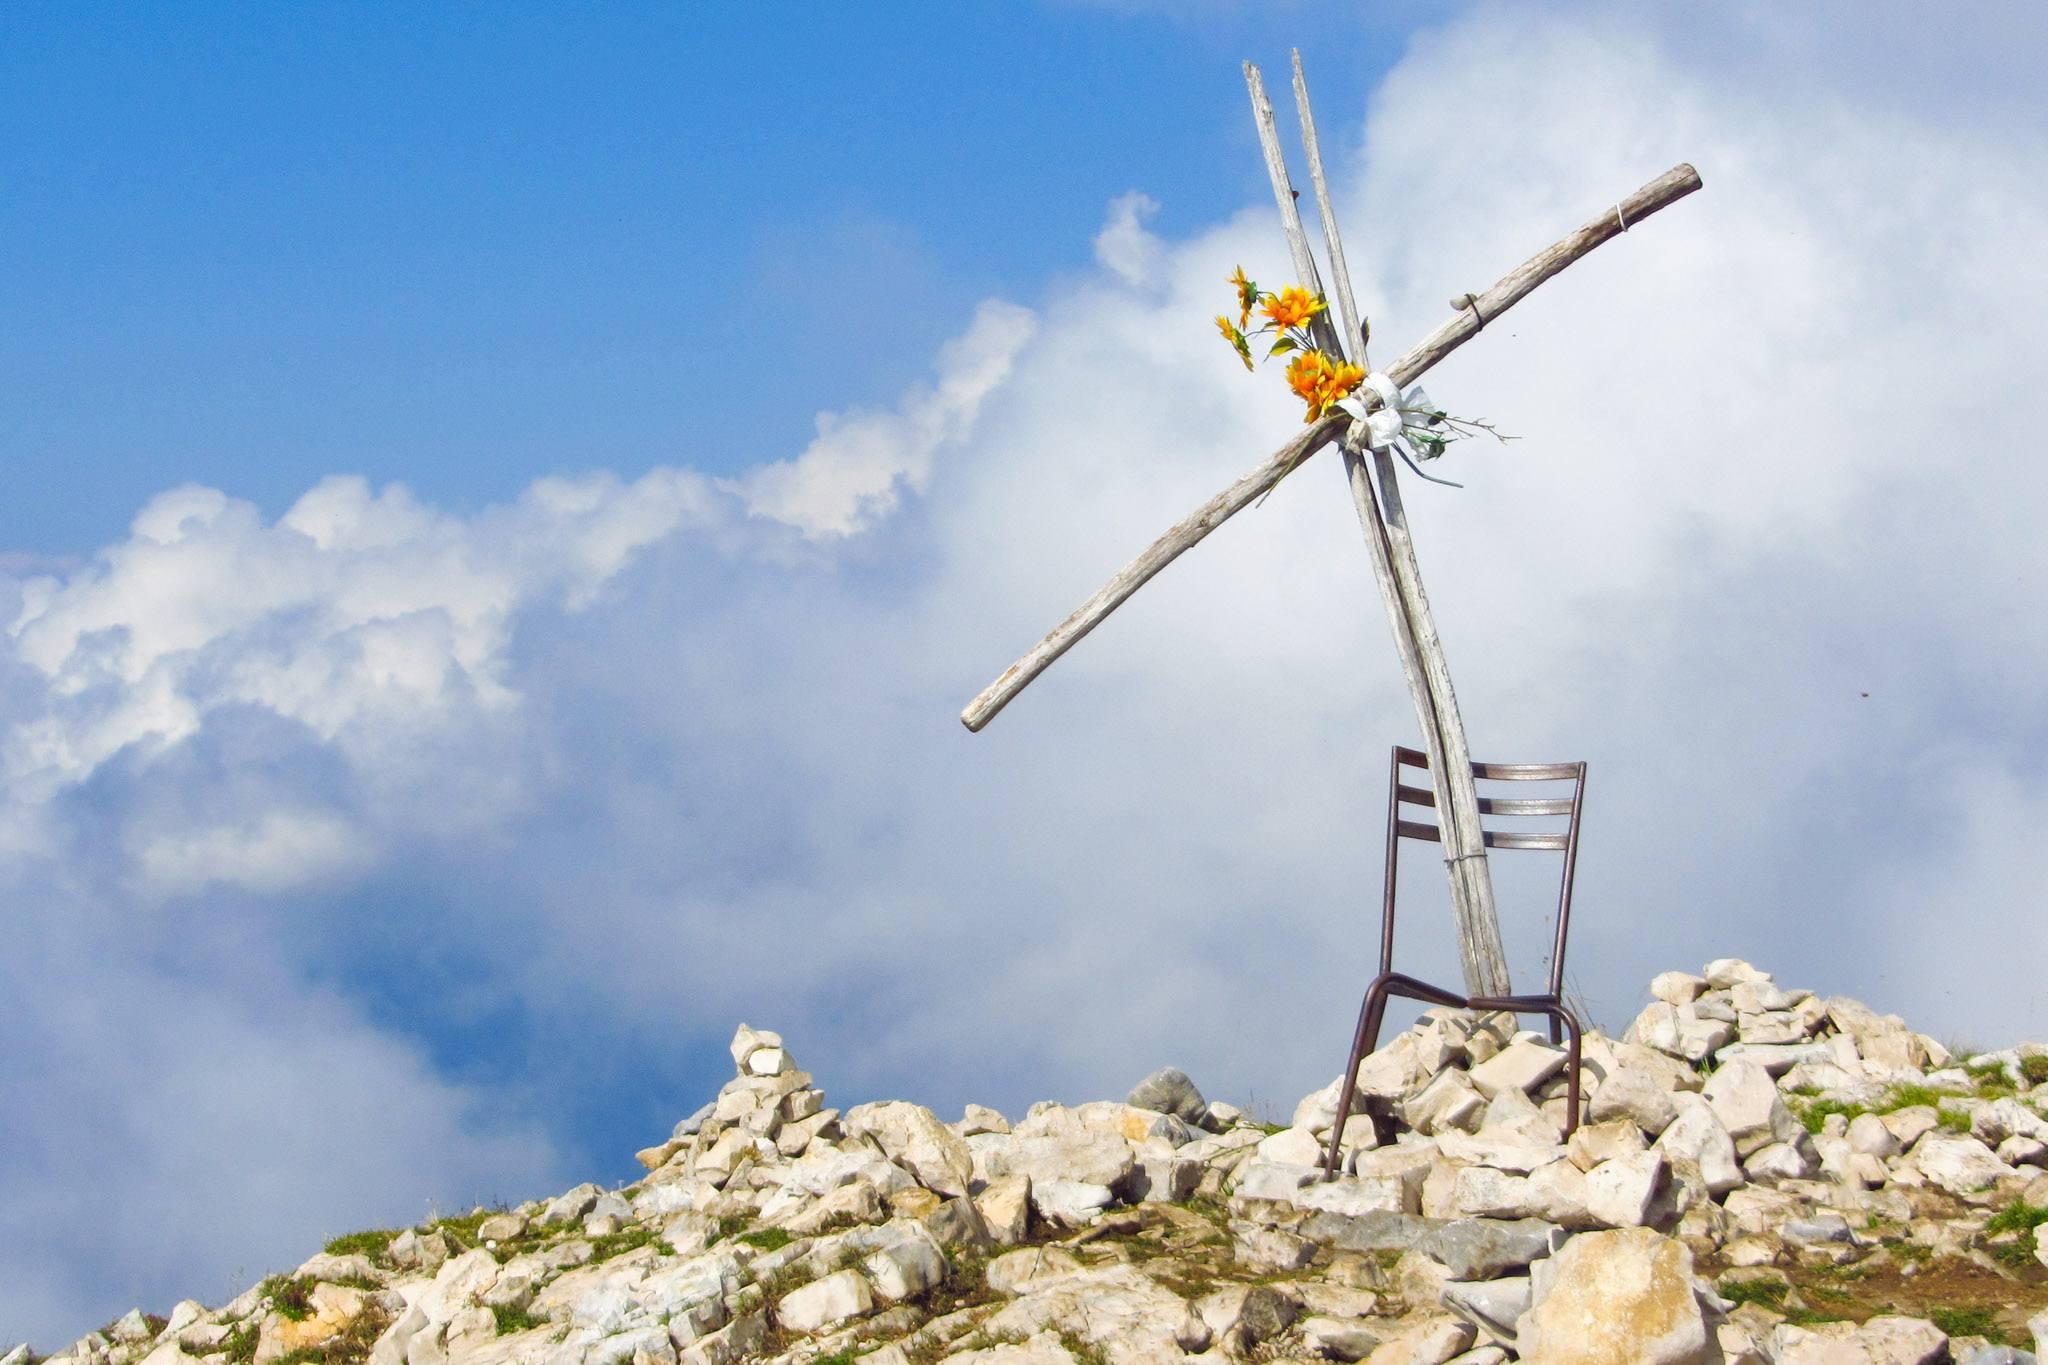 Sehr ungewöhnlich: Das Gipfelkreuz der Cima delel Pozzette mit Stuhl und Plastikblumen